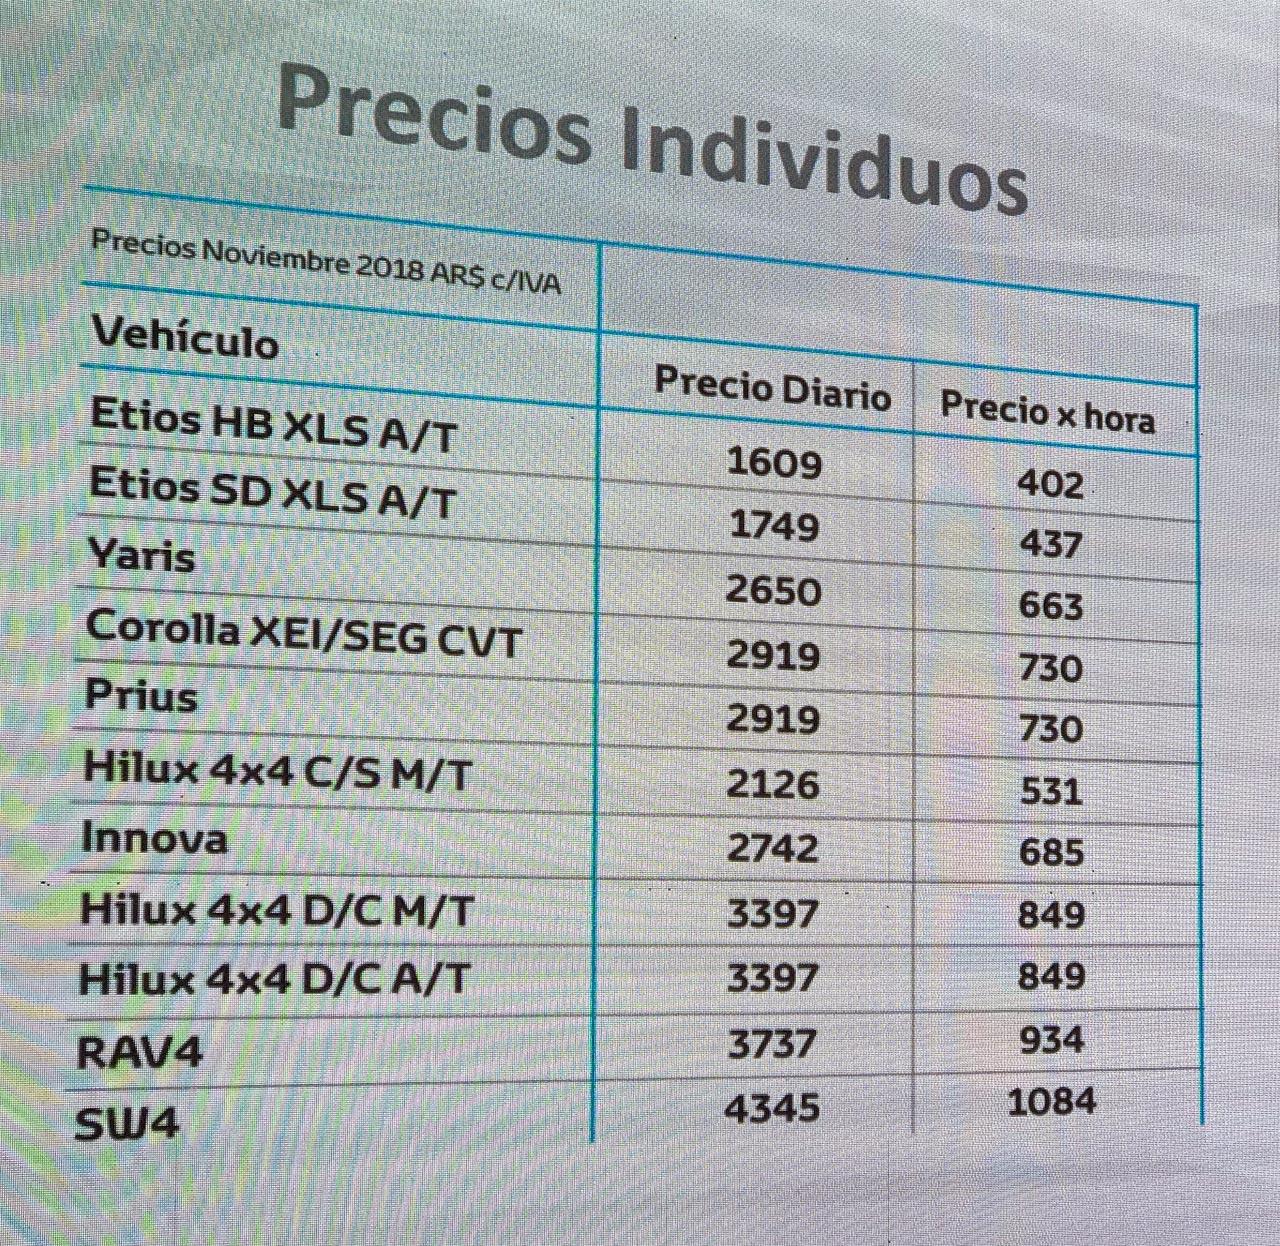 Precios Toyota Mobility Services